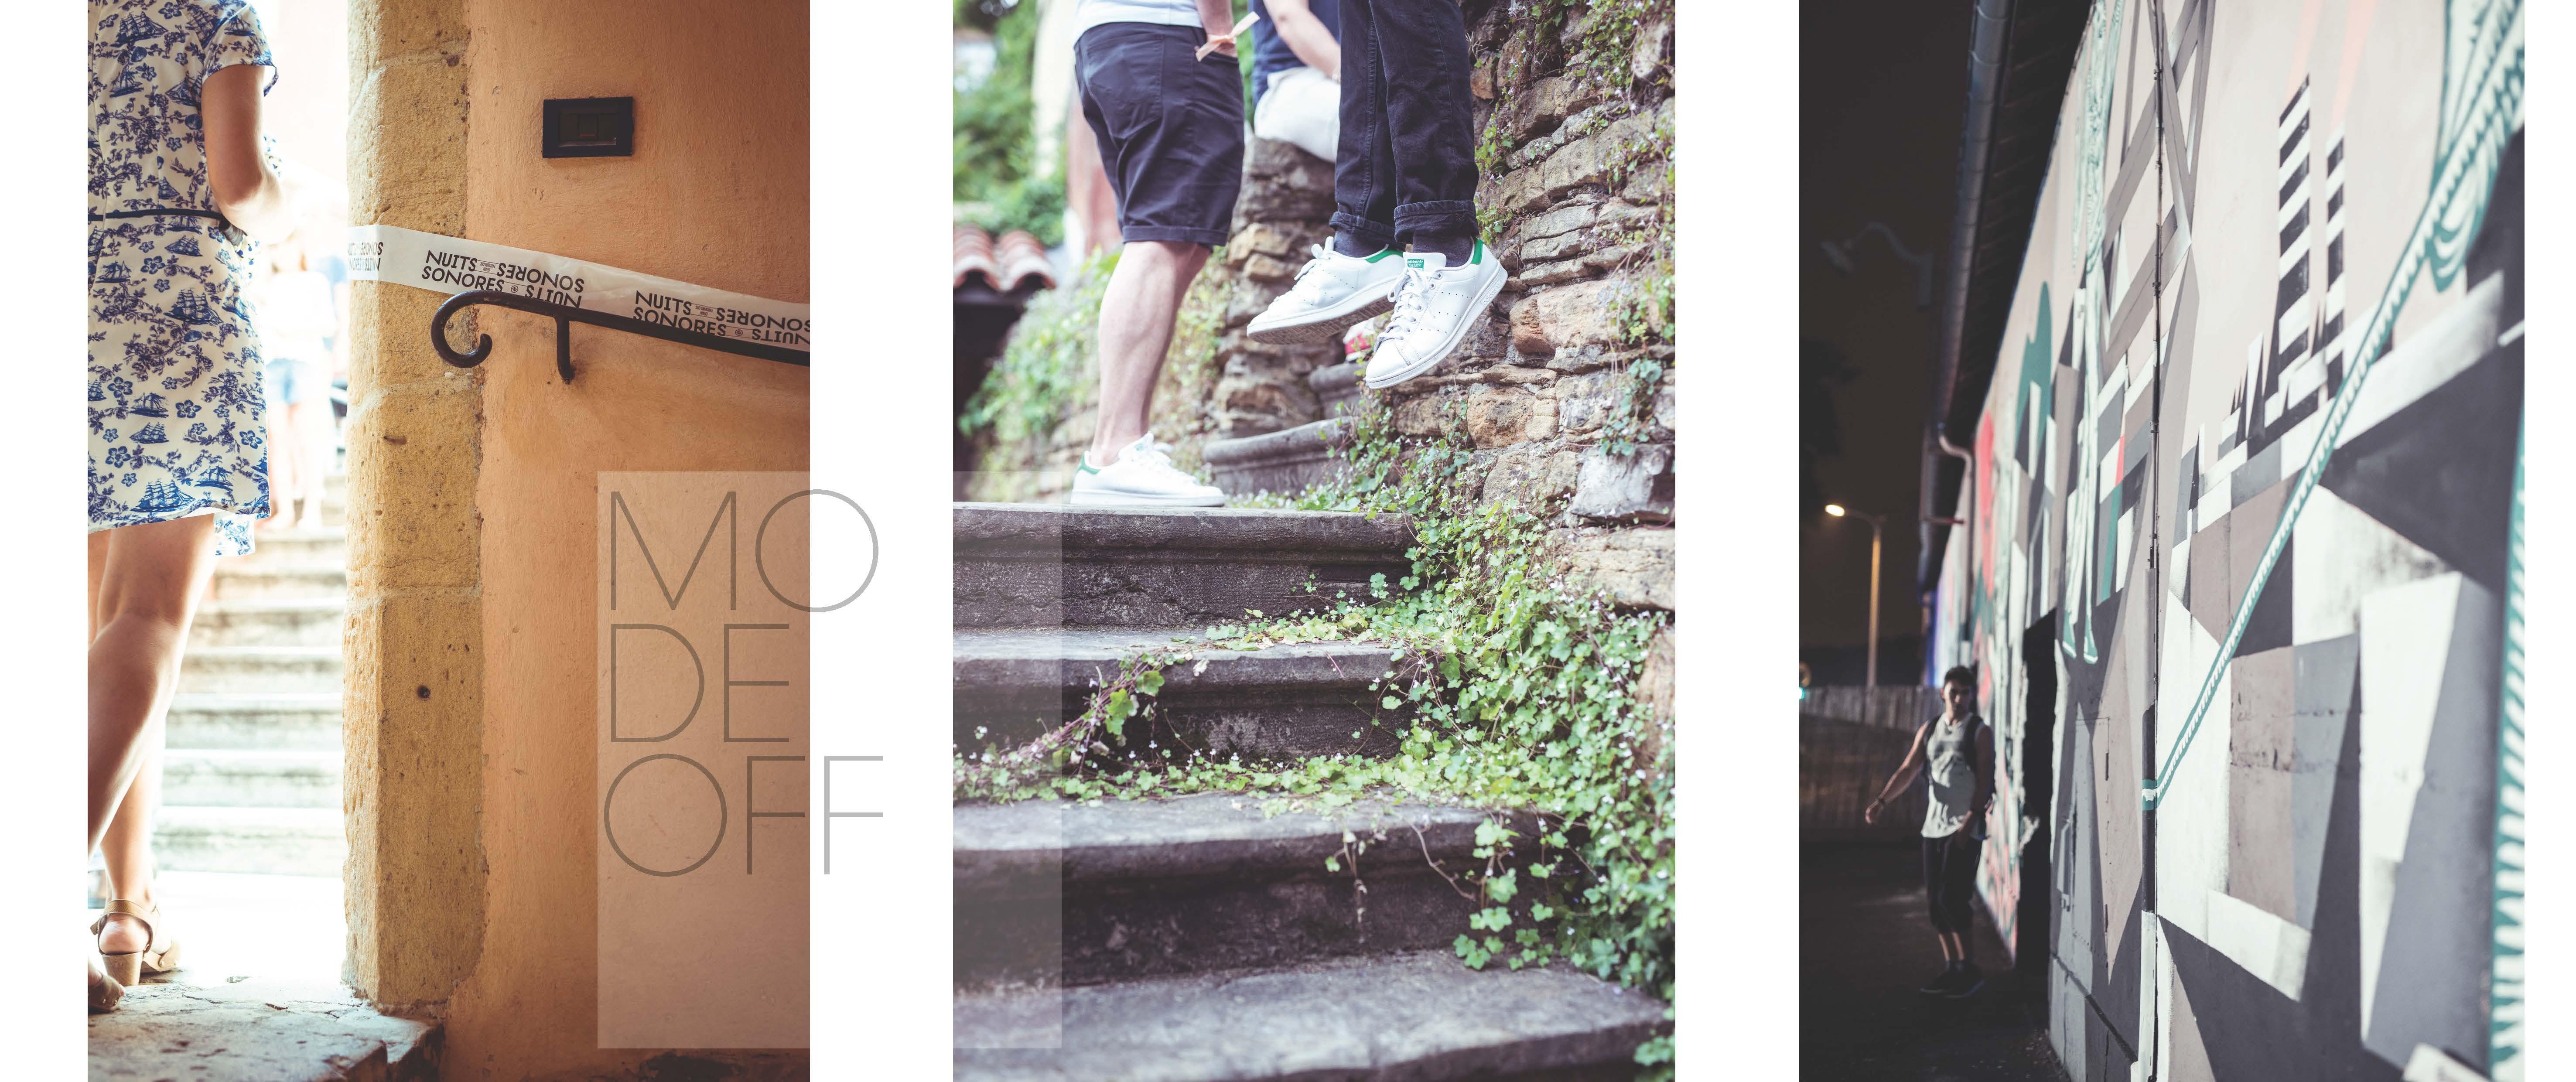 Studio,Cours photo,Studio,artiste,Cours photo Lyon,concert,studio photo lyon,en direct,culture,cours de photo Lyon,chanteur,photographie evenementielle,studio photo lyon,live,Nikon,interview,Studio